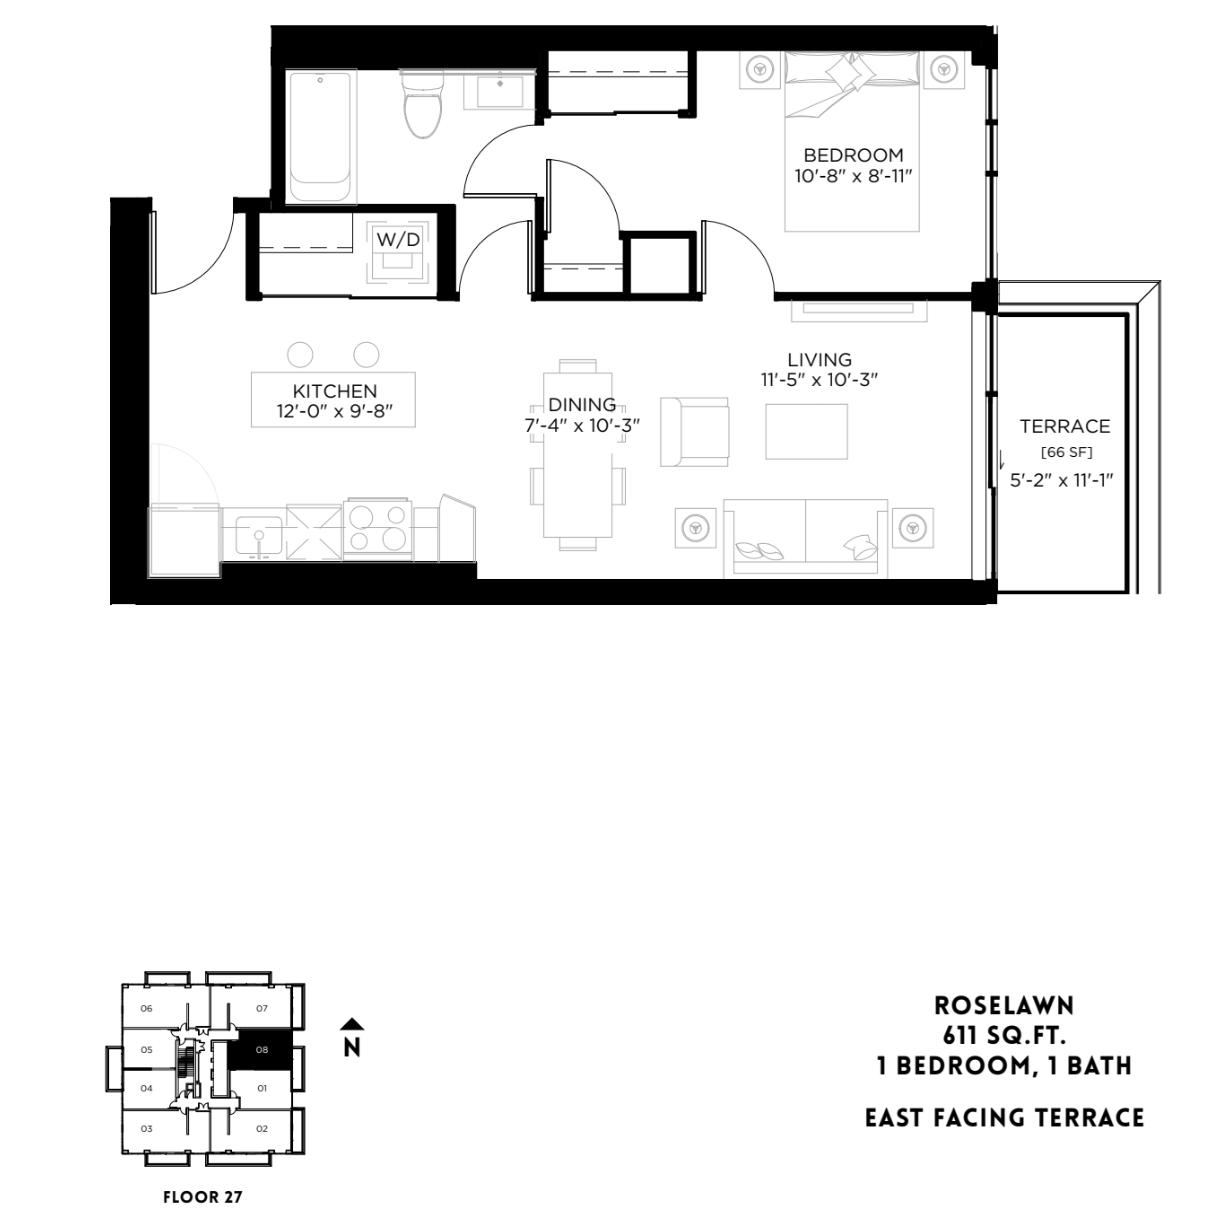 Roselawn - PH Floor Plan 15